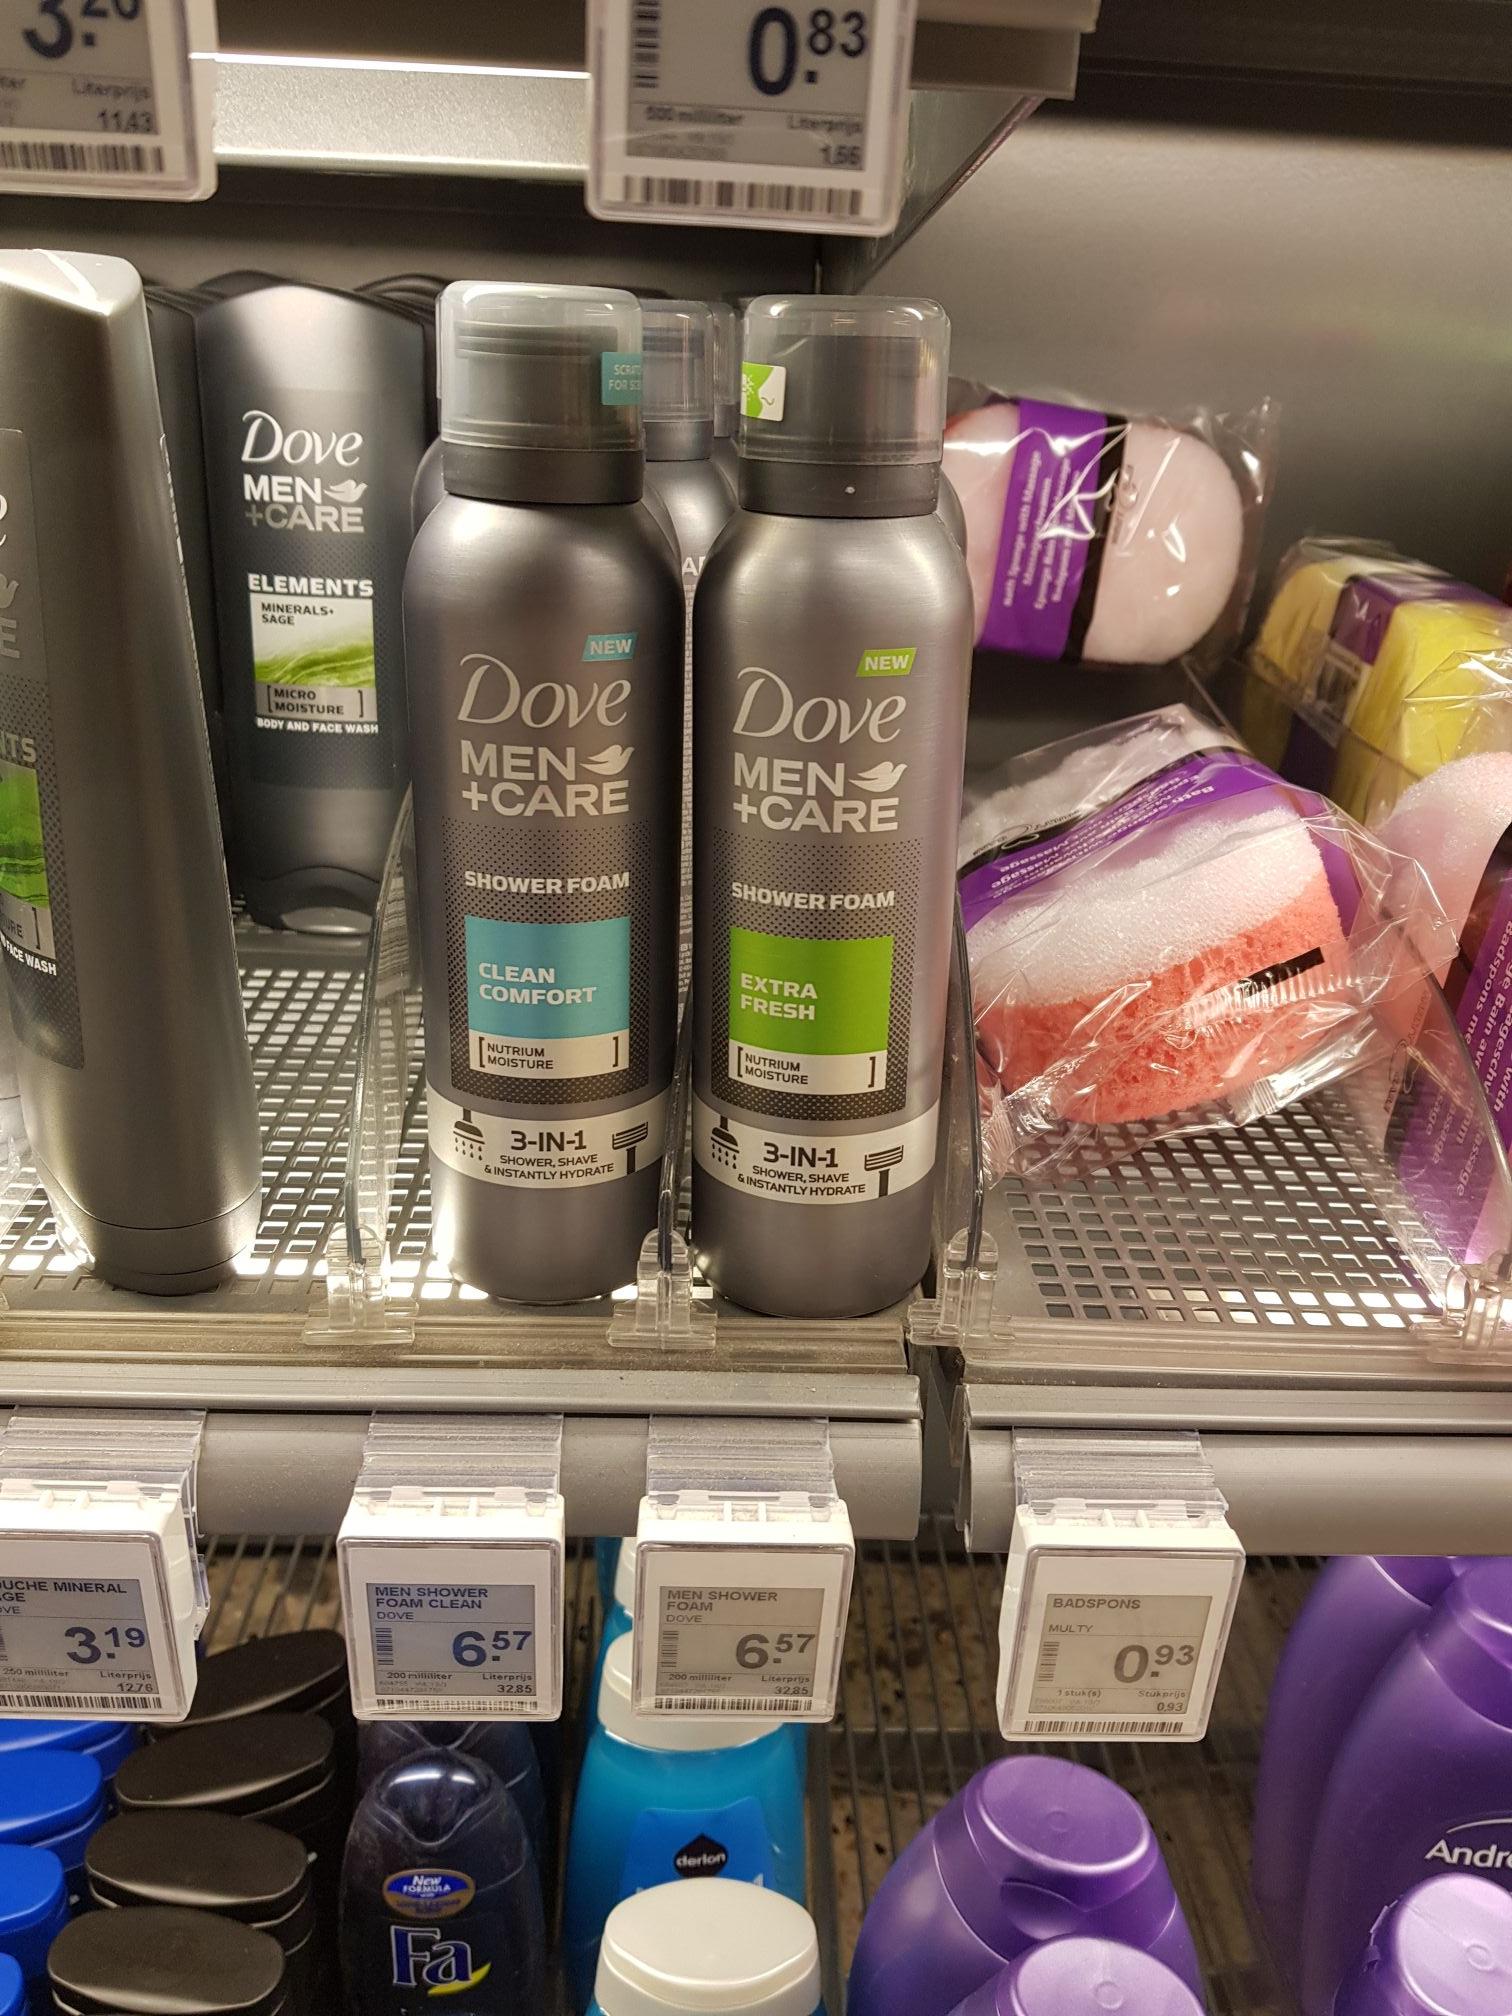 Nu 3 dove shower foam voor 5 euro ipv 19.72